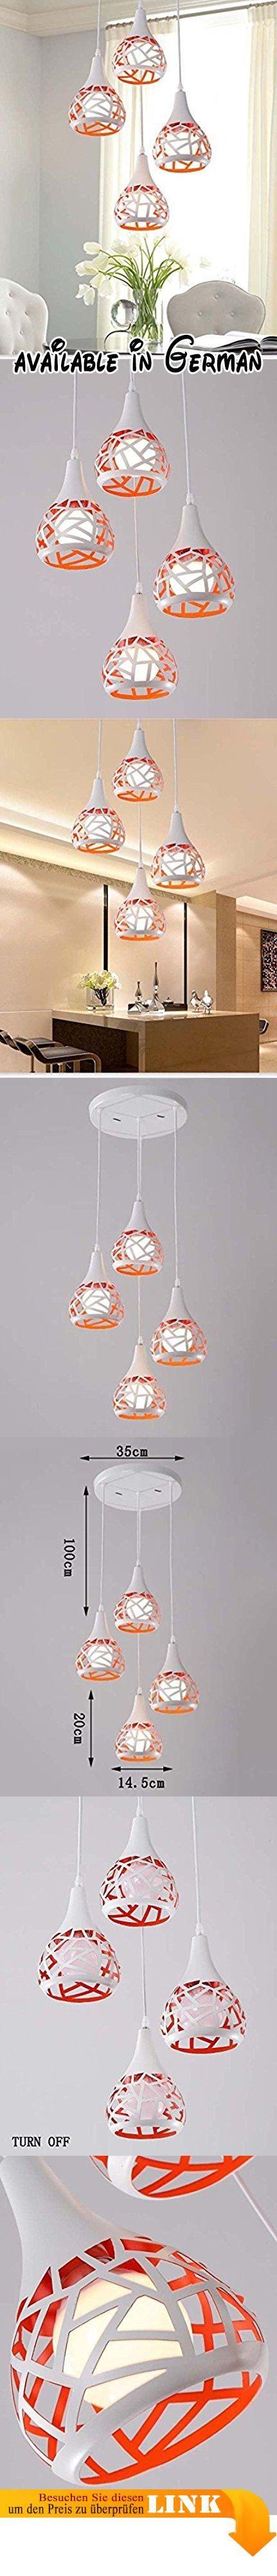 Kronleuchter LED Moderne, Einfache Und Kreative Kronleuchter Esszimmer  Schlafzimmer Studie Bar Kronleuchter   Innenbeleuchtung Kronleuchter.  Idealeu2026